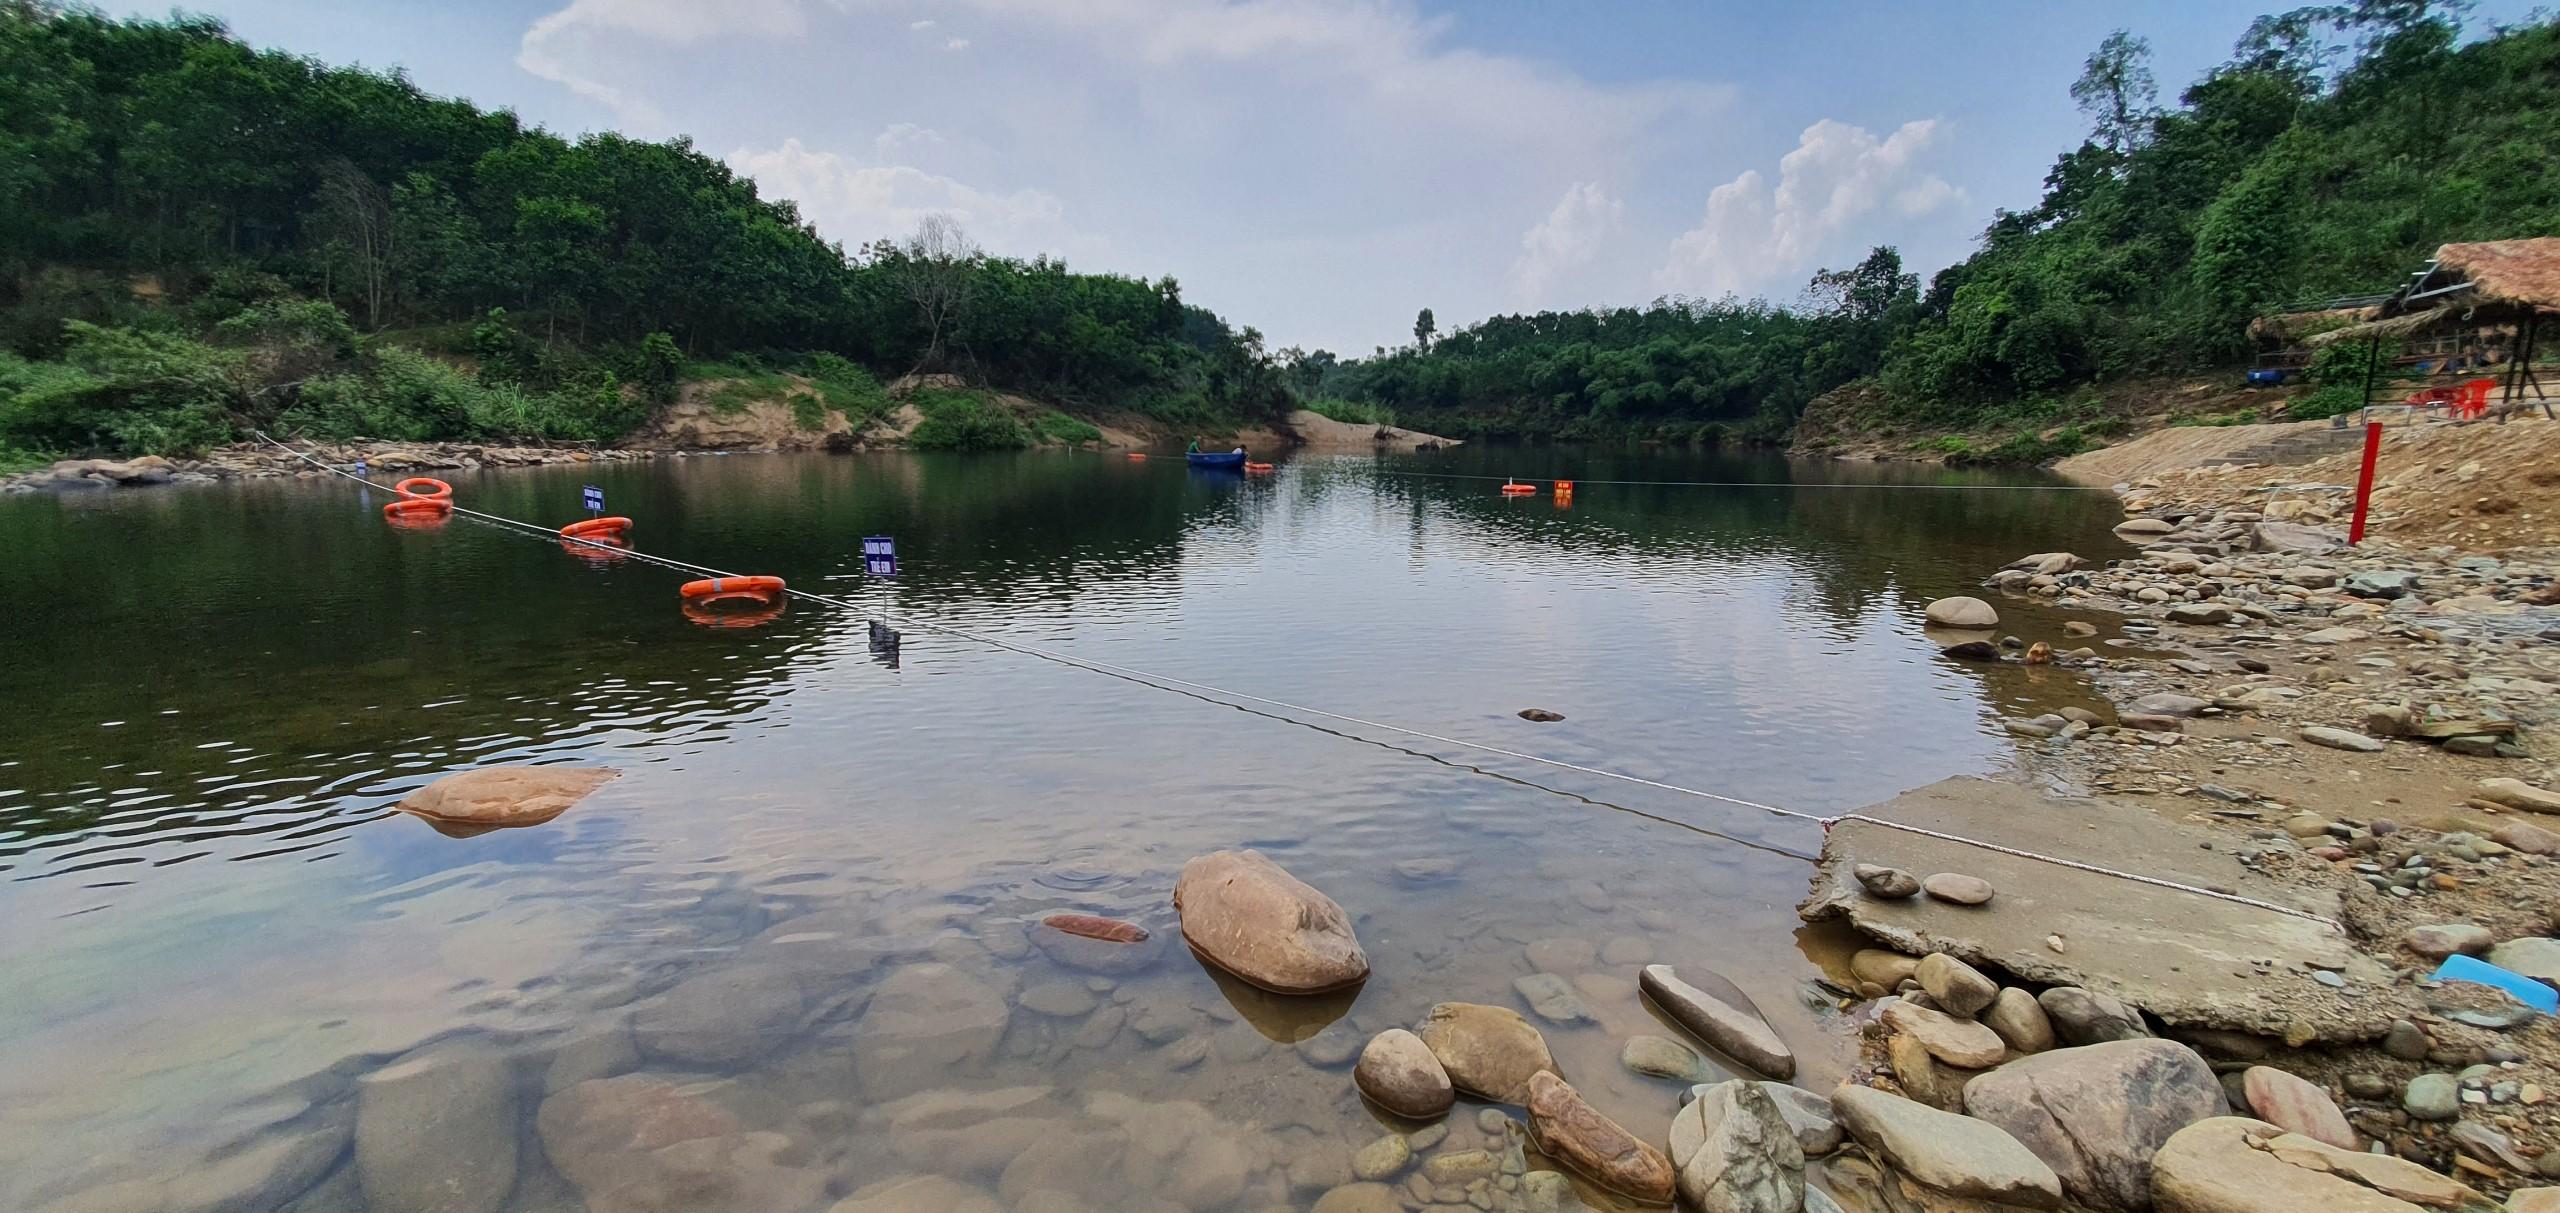 Thừa Thiên Huế: Công nhận điểm du lịch sinh thái Thượng nguồn Ô Lâu (Hầm Heo)